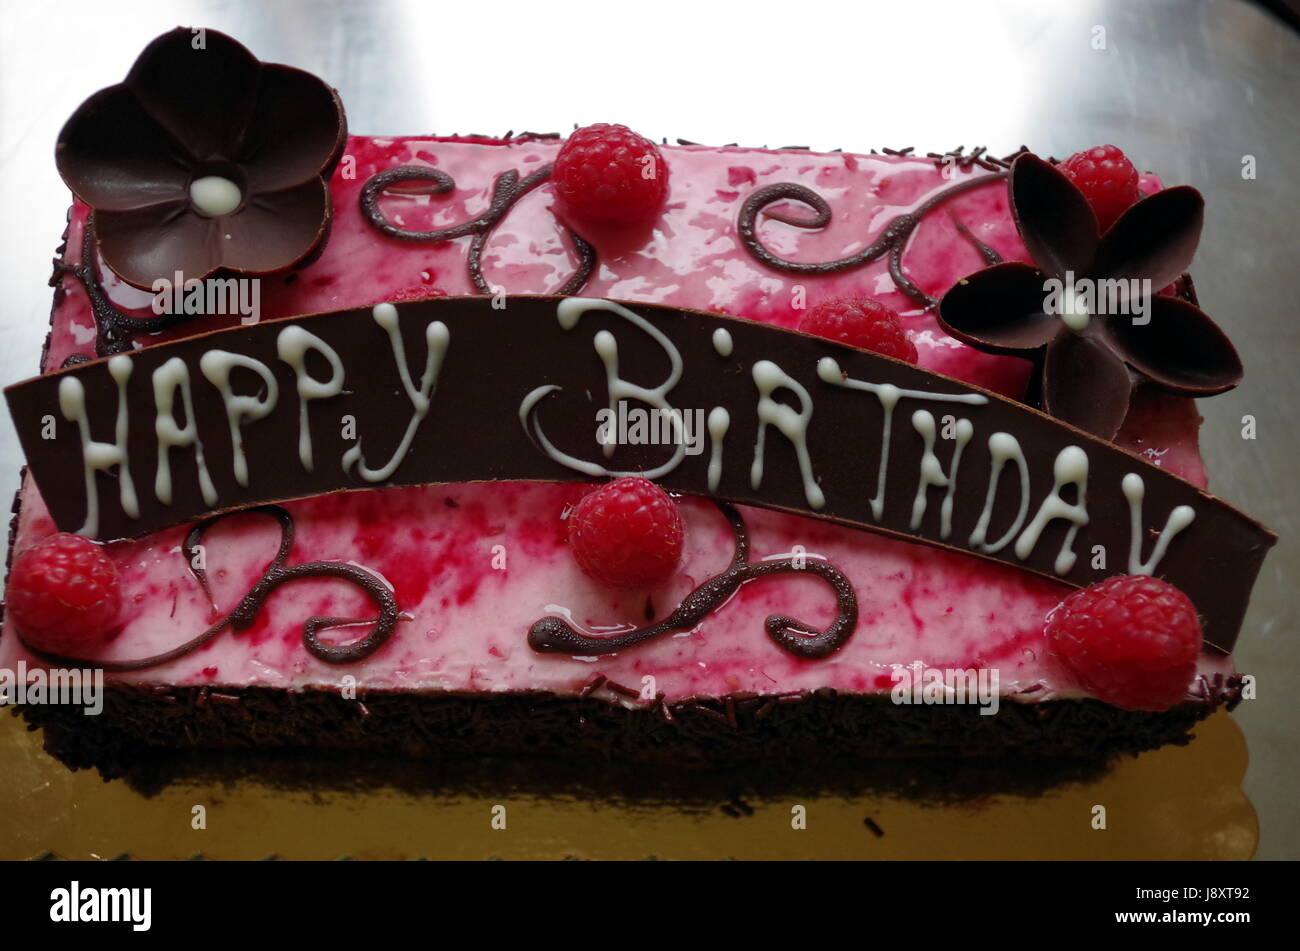 Chocolate birthday cake with chocolate flower and raspberry stock chocolate birthday cake with chocolate flower and raspberry decorations and a chocolate happy birthday sign izmirmasajfo